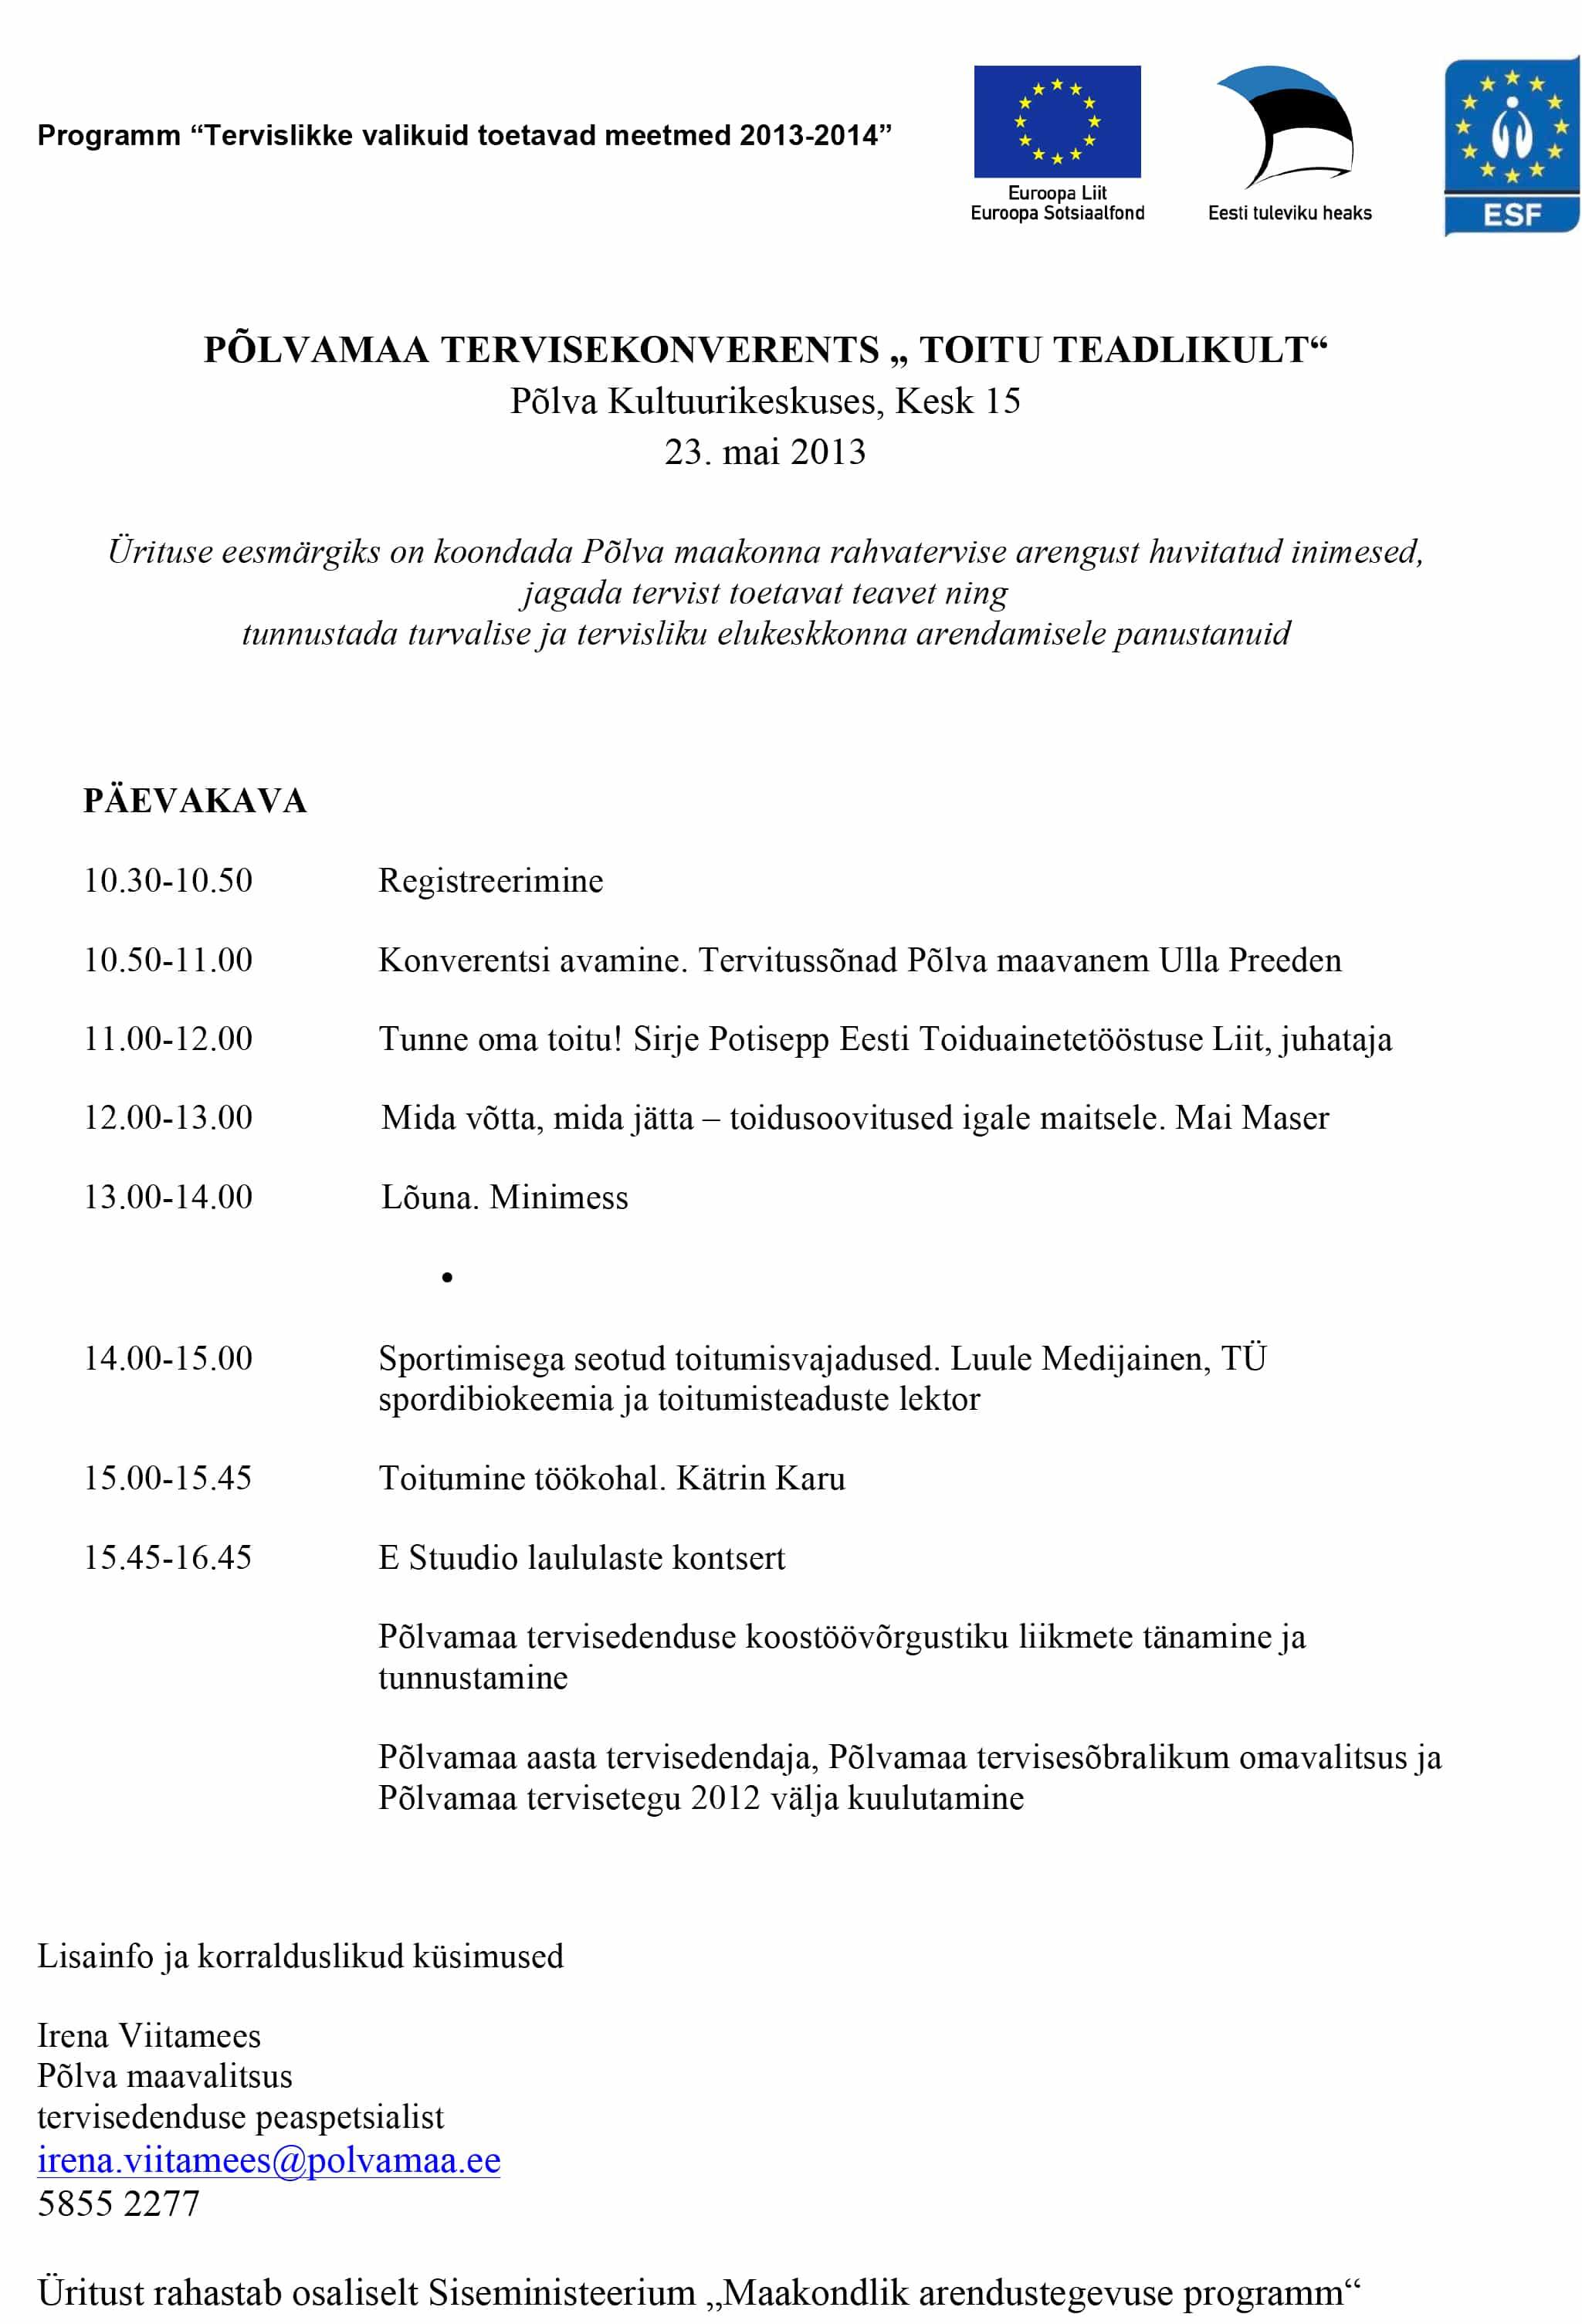 Tervisekonverentsi-päevakava